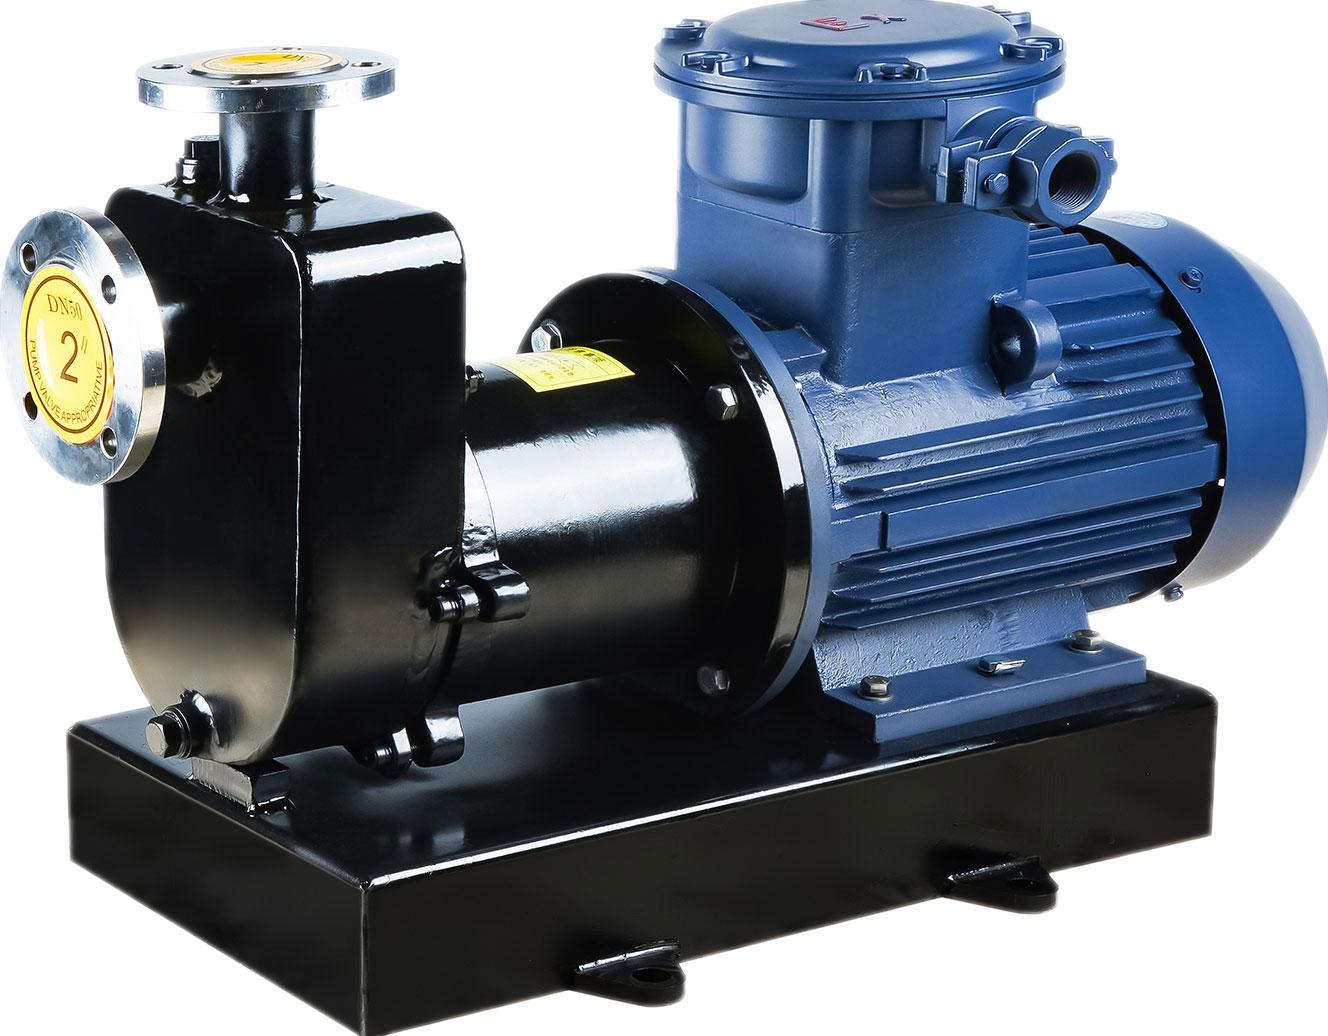 高温磁力泵应在规定温度条件下运行,需及时做冷却处理